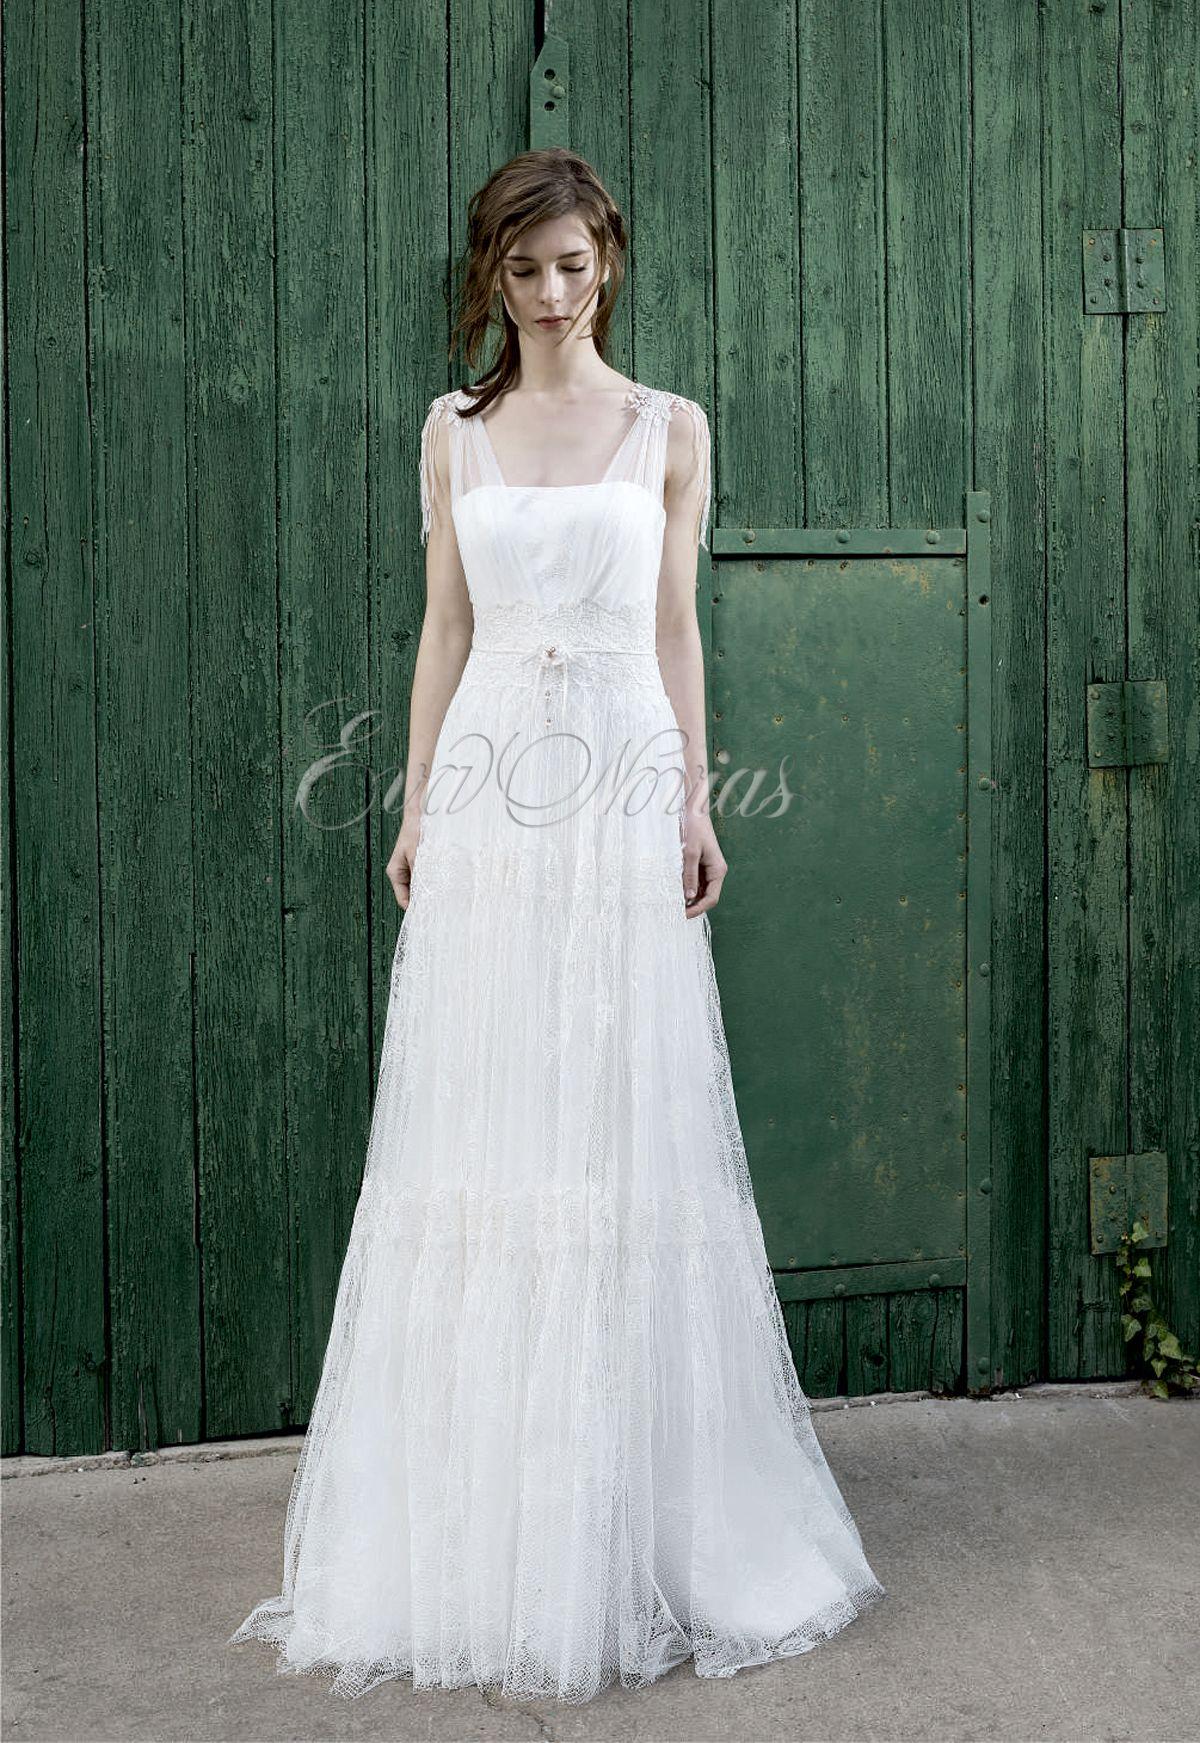 Vestido de novia Inmaculada 2016 García Modelo Holly en Eva Novias Madrid.  #vestido #novia #moda #boda #dress #weddingdress #bridalfashion #bridal